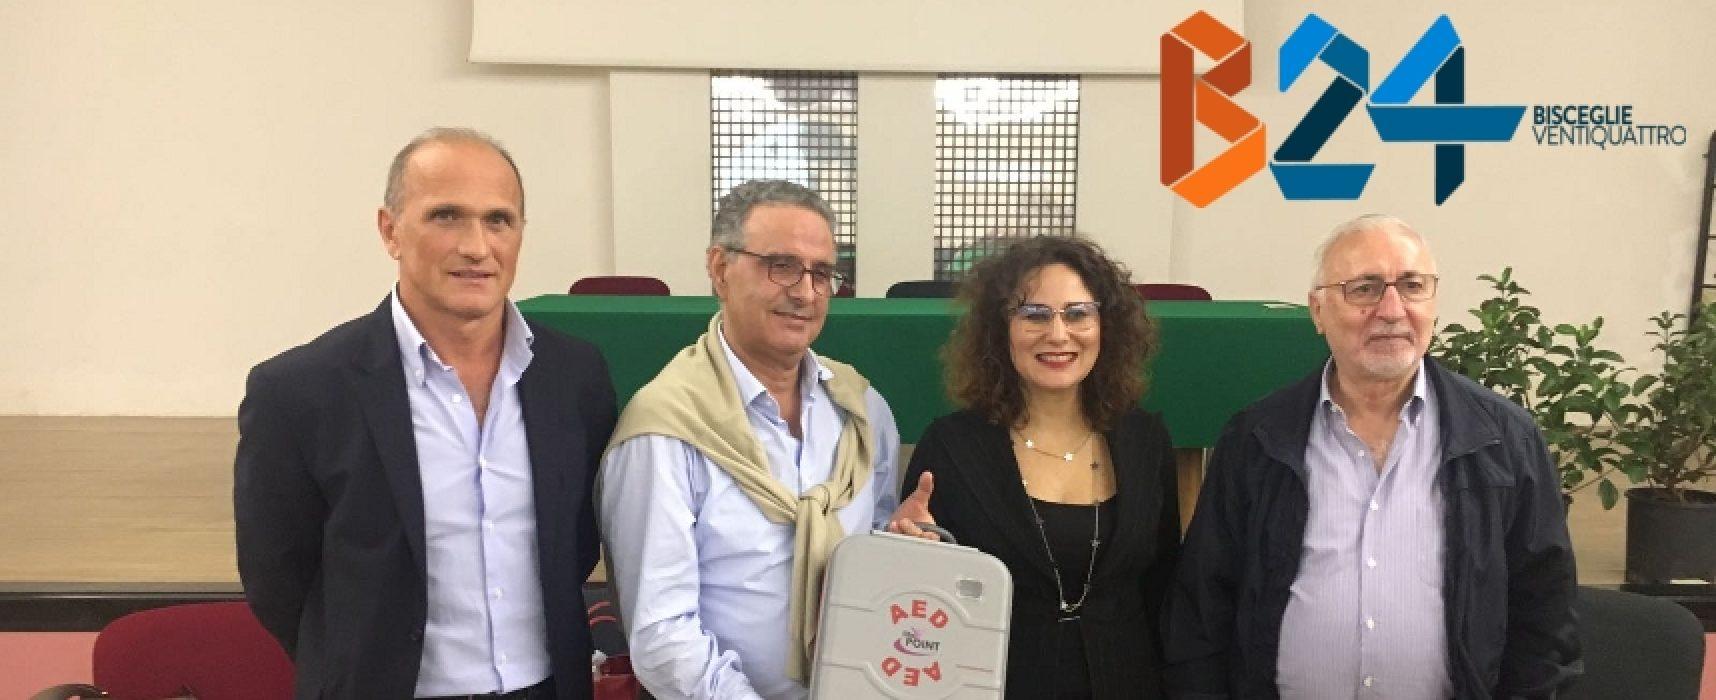 """Movimento 5 Stelle, consegnato defibrillatore al poliambulatorio """"Buon Samaritano"""""""